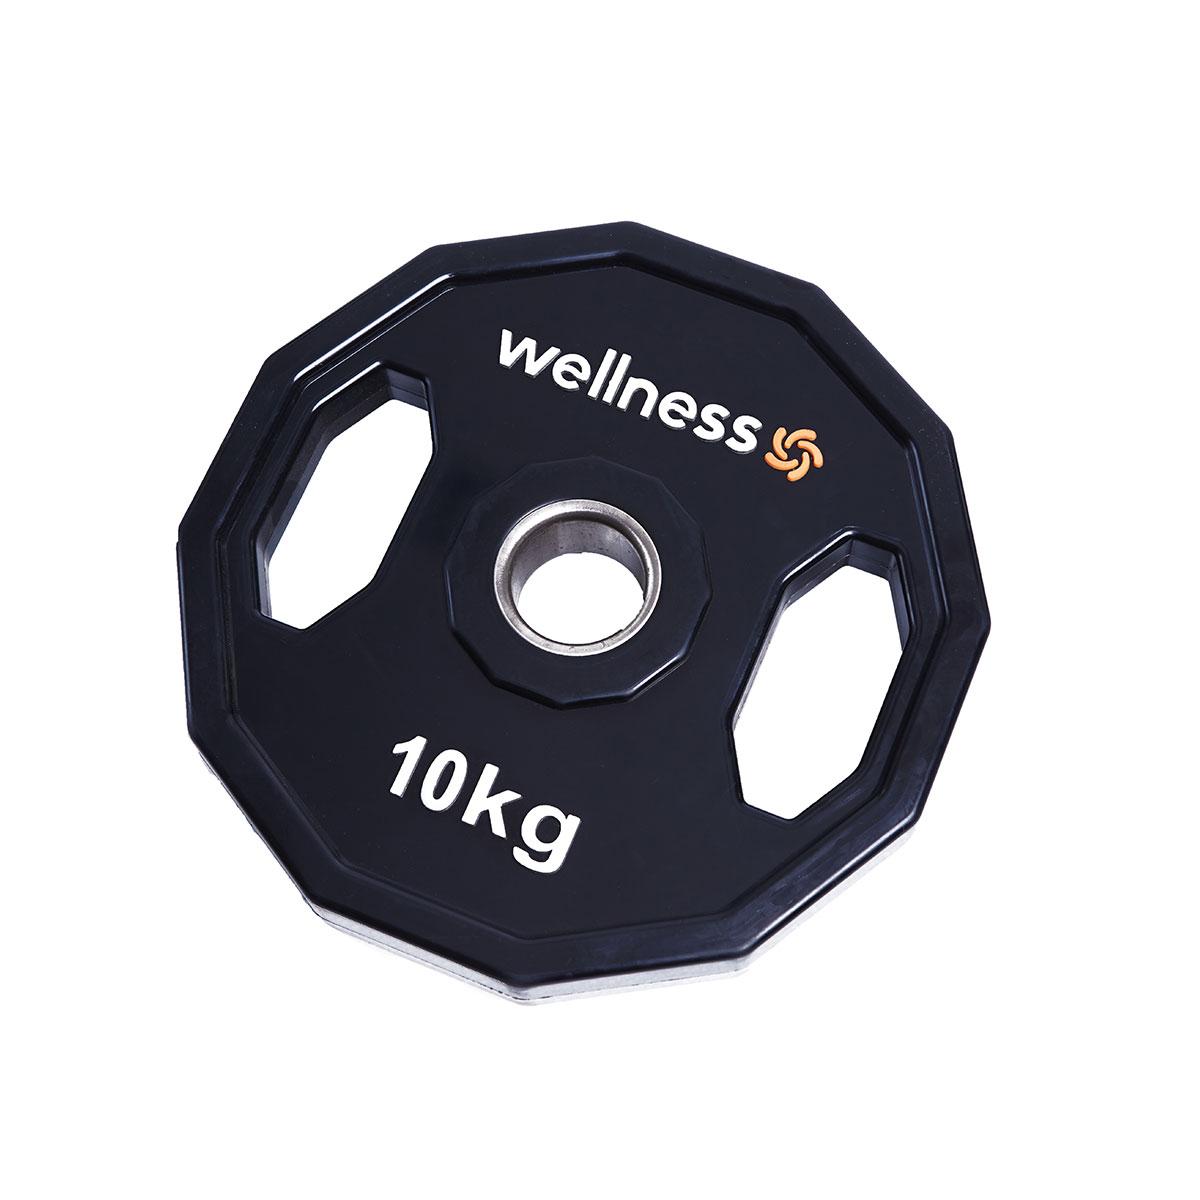 Anilha Poliuretano Furação Olímpica 12 Faces com Pegada 10,00kg Wellness